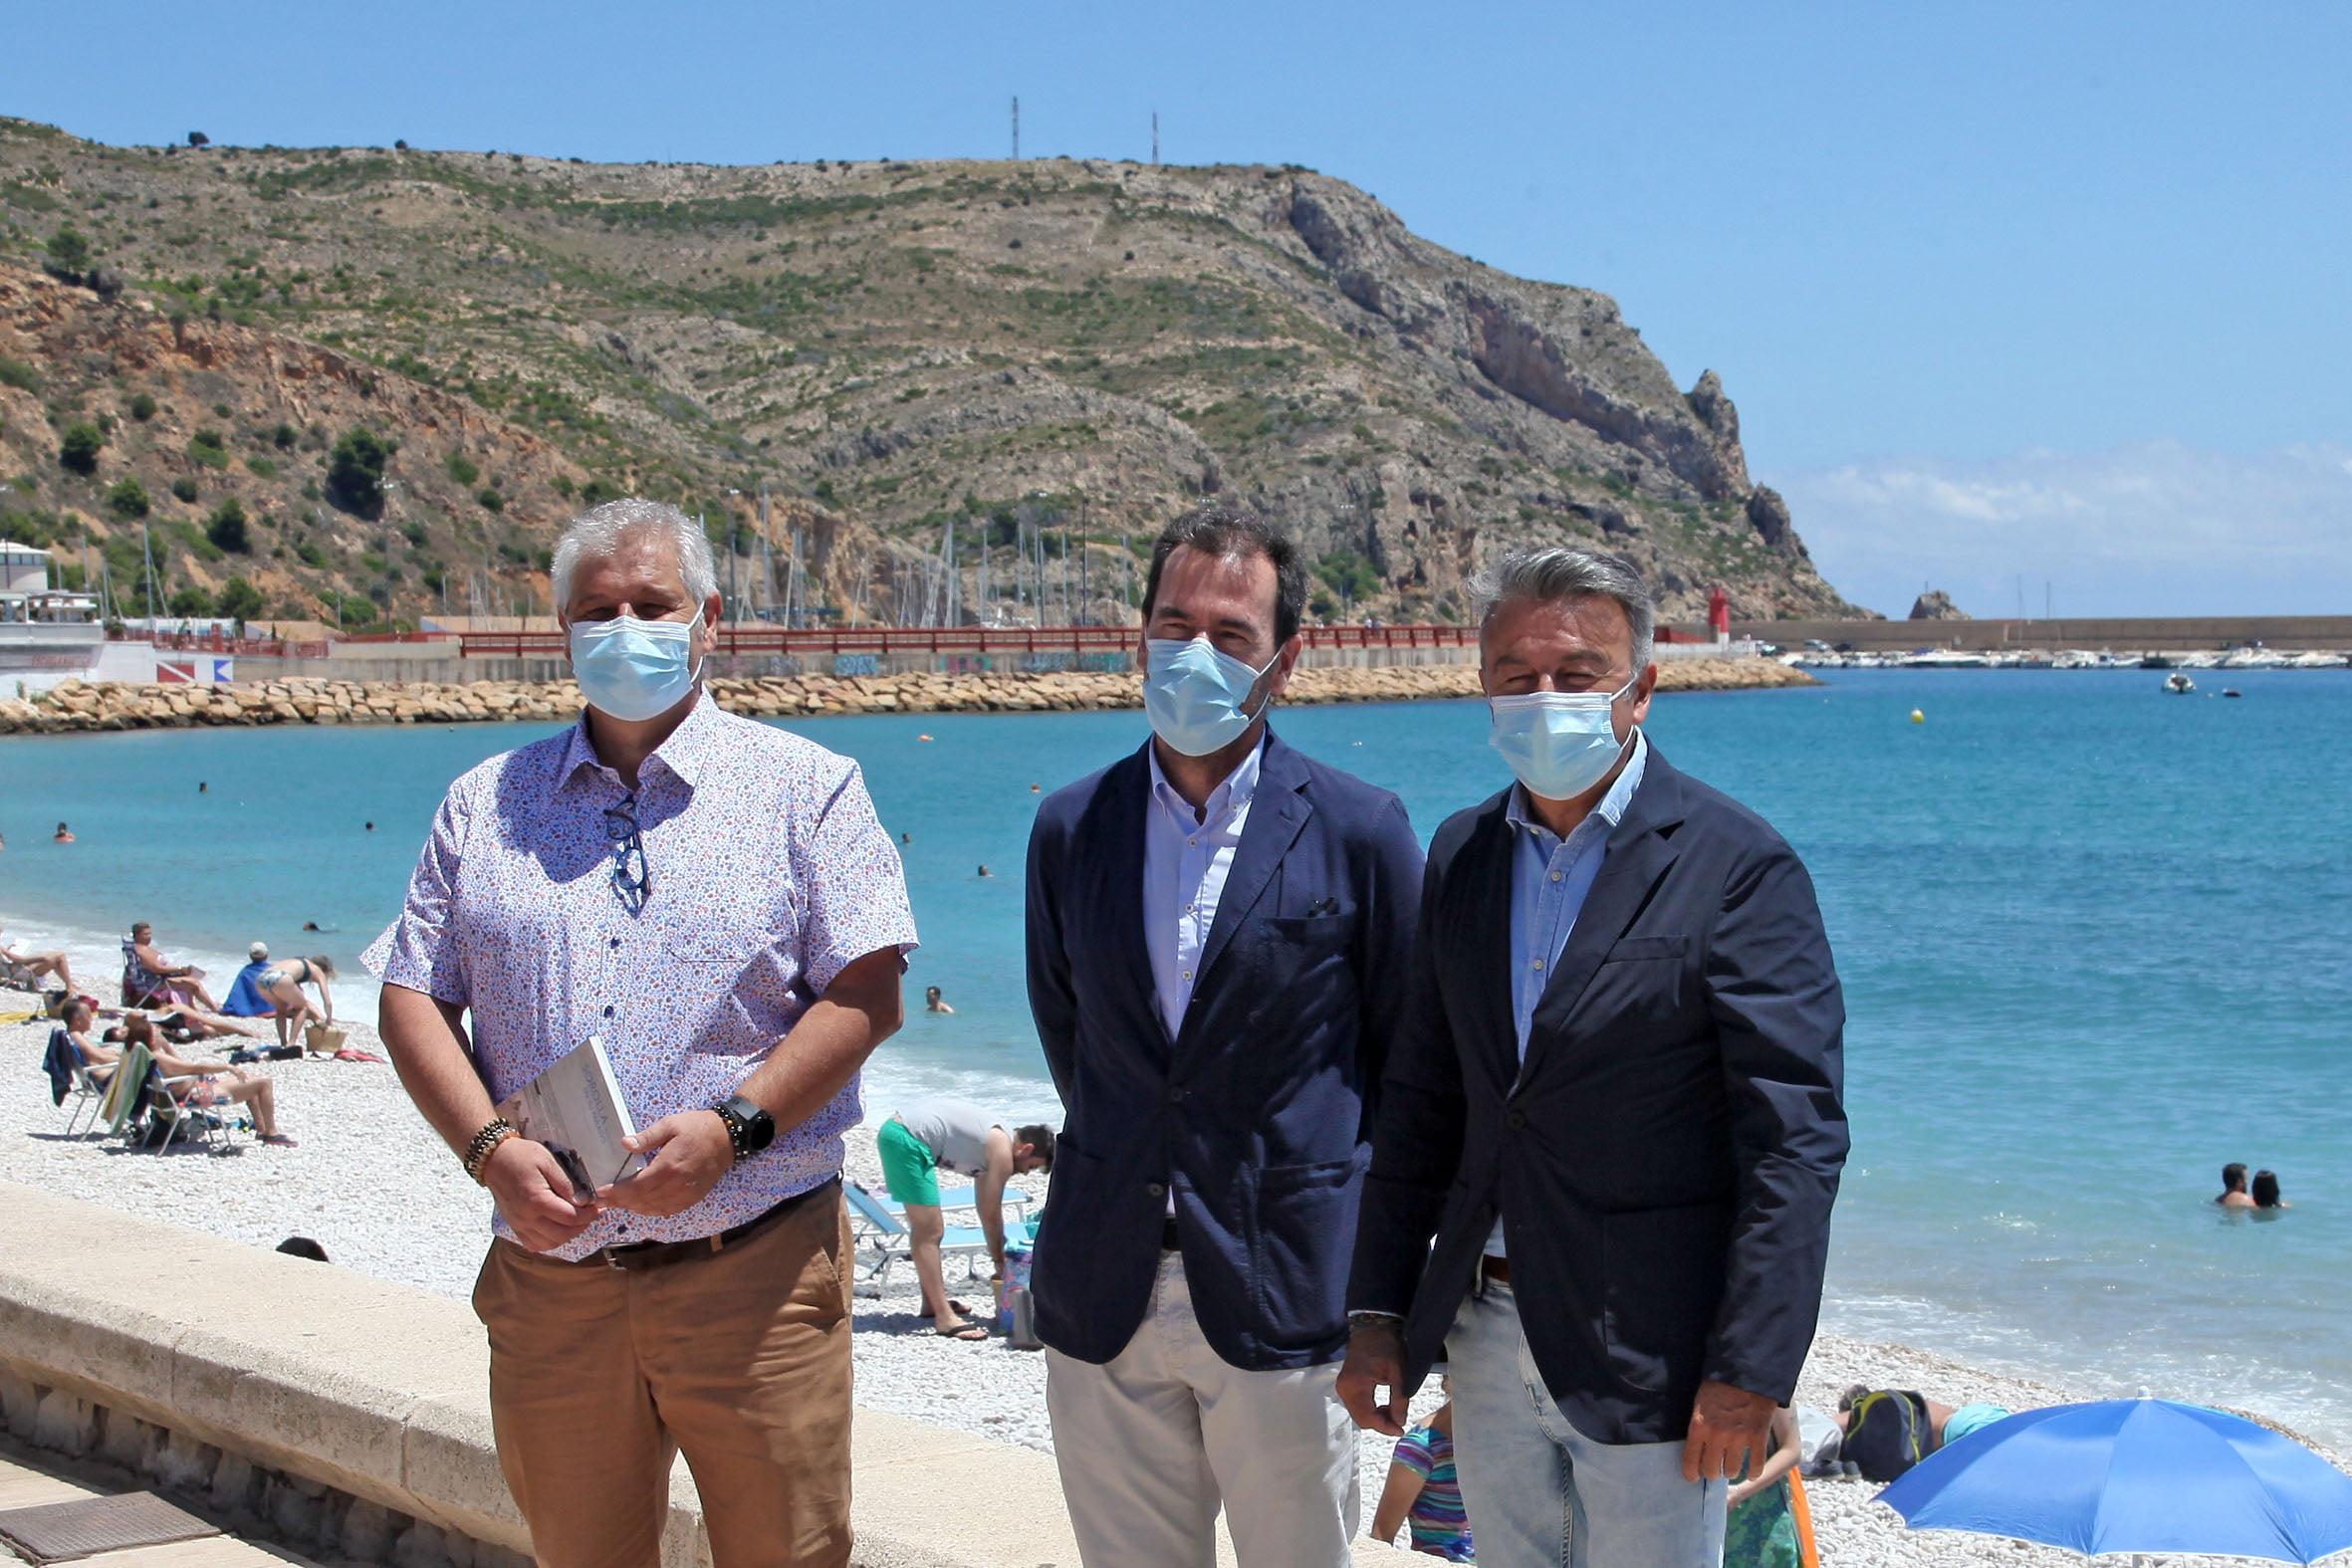 Visita al paseo marítimo de Xàbia que llevará el nombre de Joaquín Sorolla